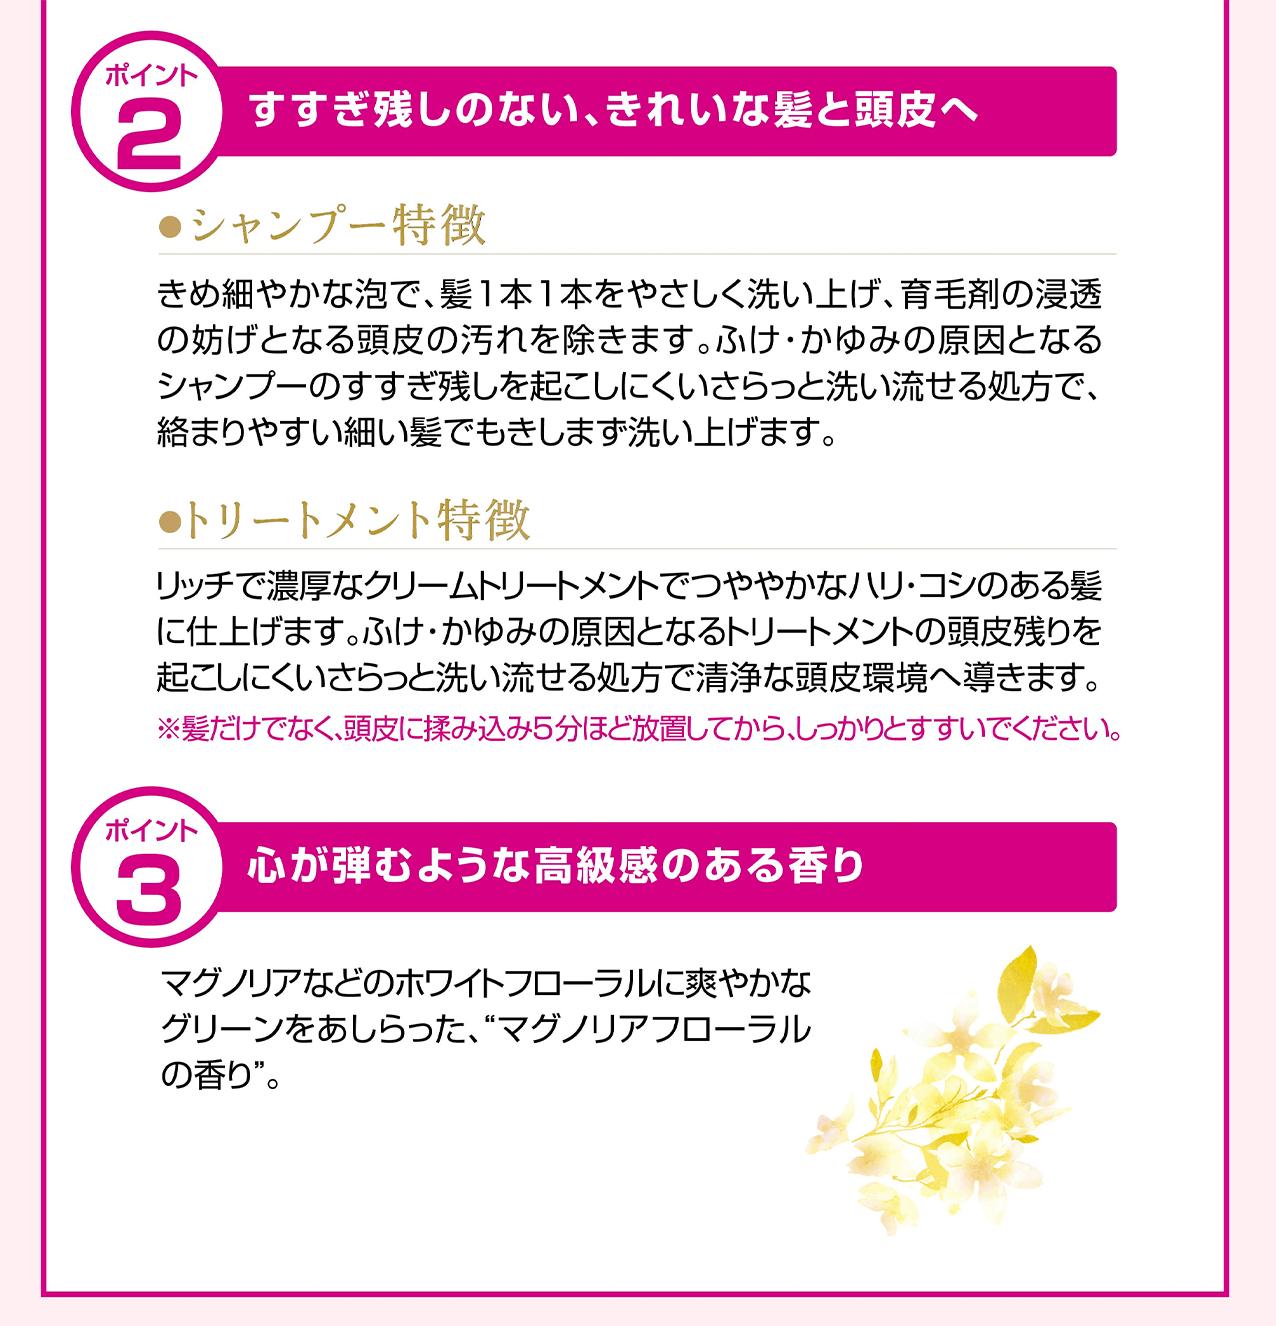 商品特徴2, 3